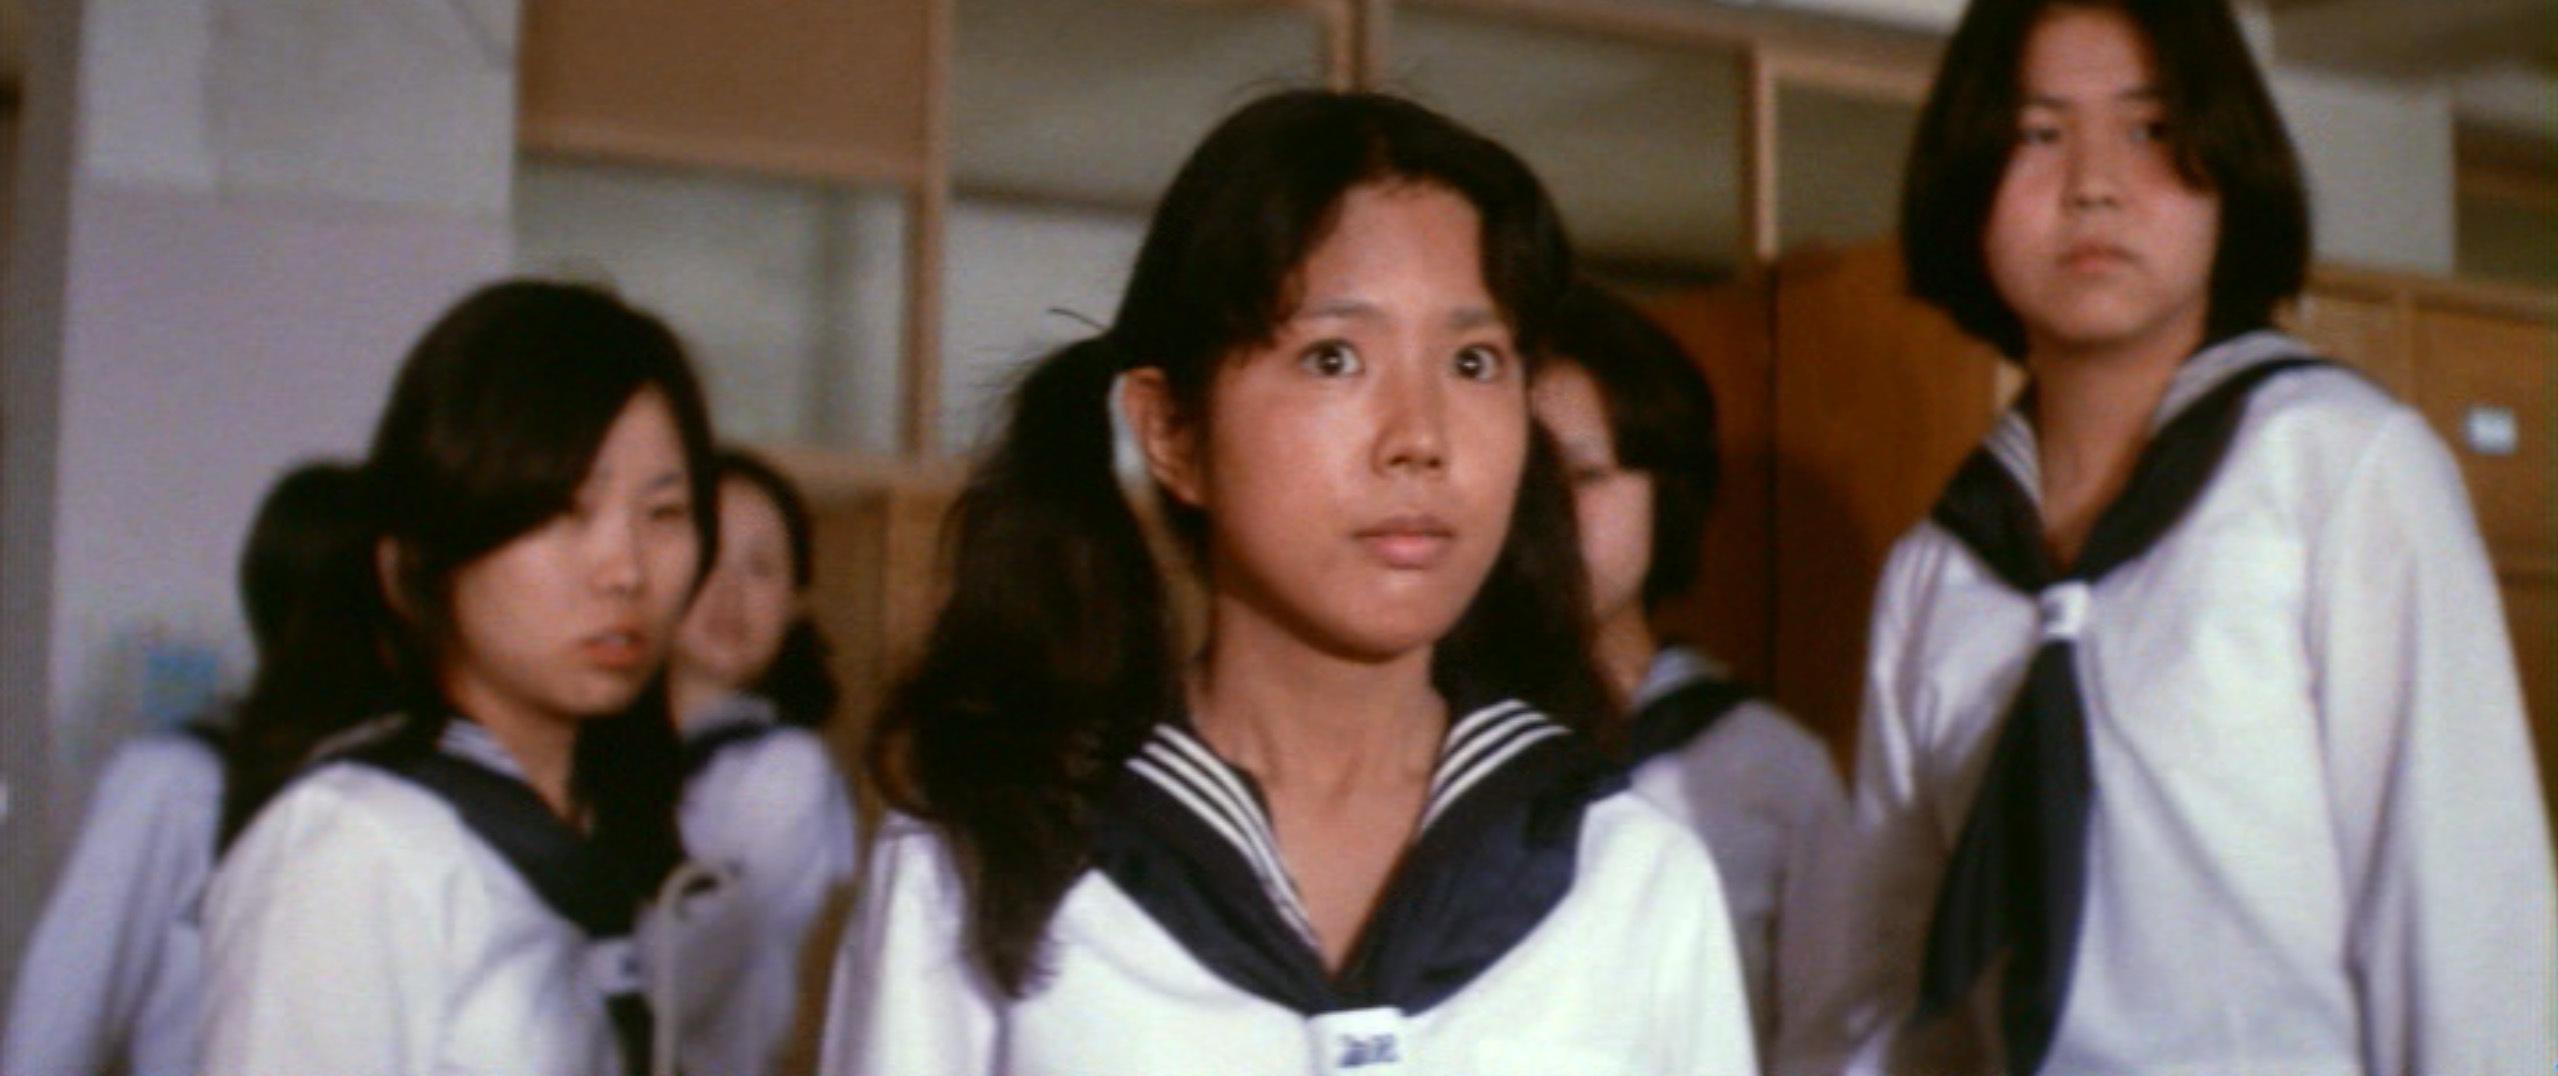 市毛良枝(Yoshie Ichige)「混血児リカ ハマぐれ子守唄」(1973)・・・《前半》_e0042361_20460550.jpg